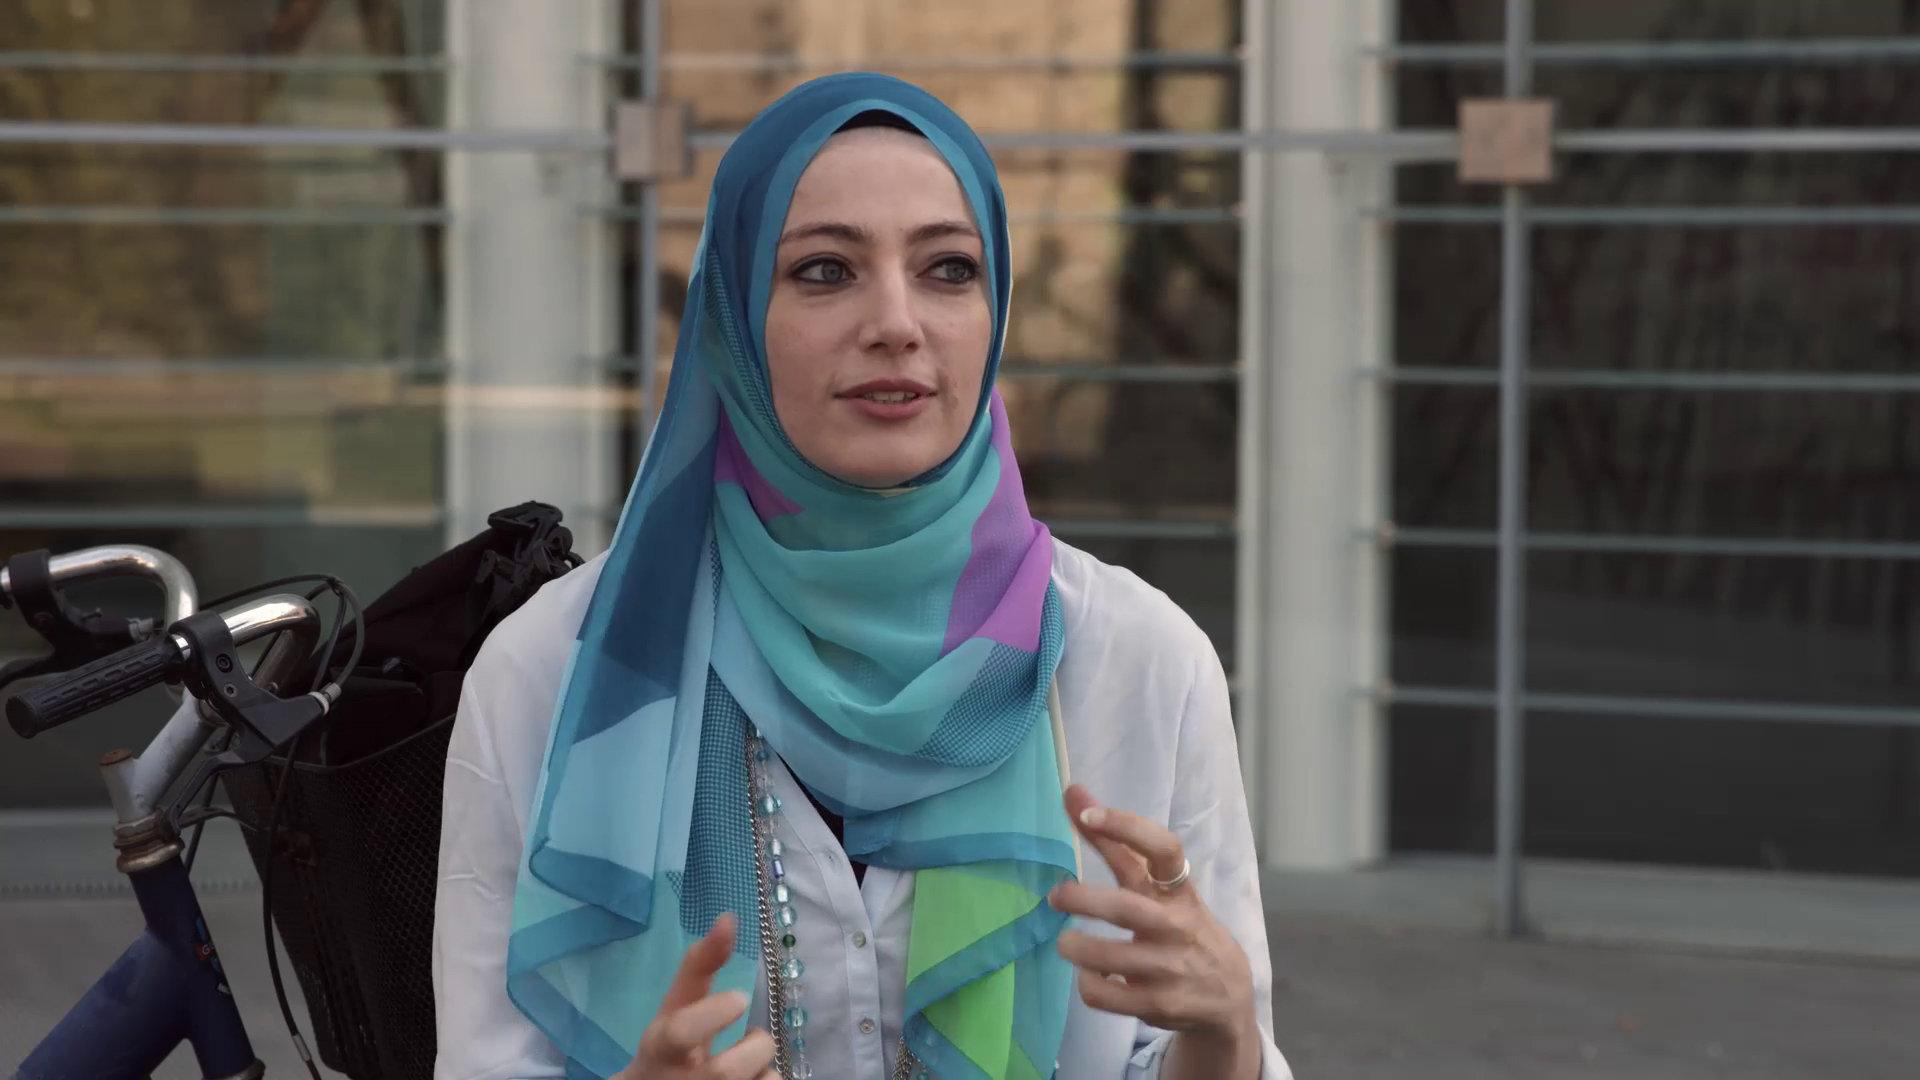 """Z powodu ubioru są postrzegane jako terrorystki. """"Islam oczami kobiet"""" w lutym na kanale Nat Geo People"""